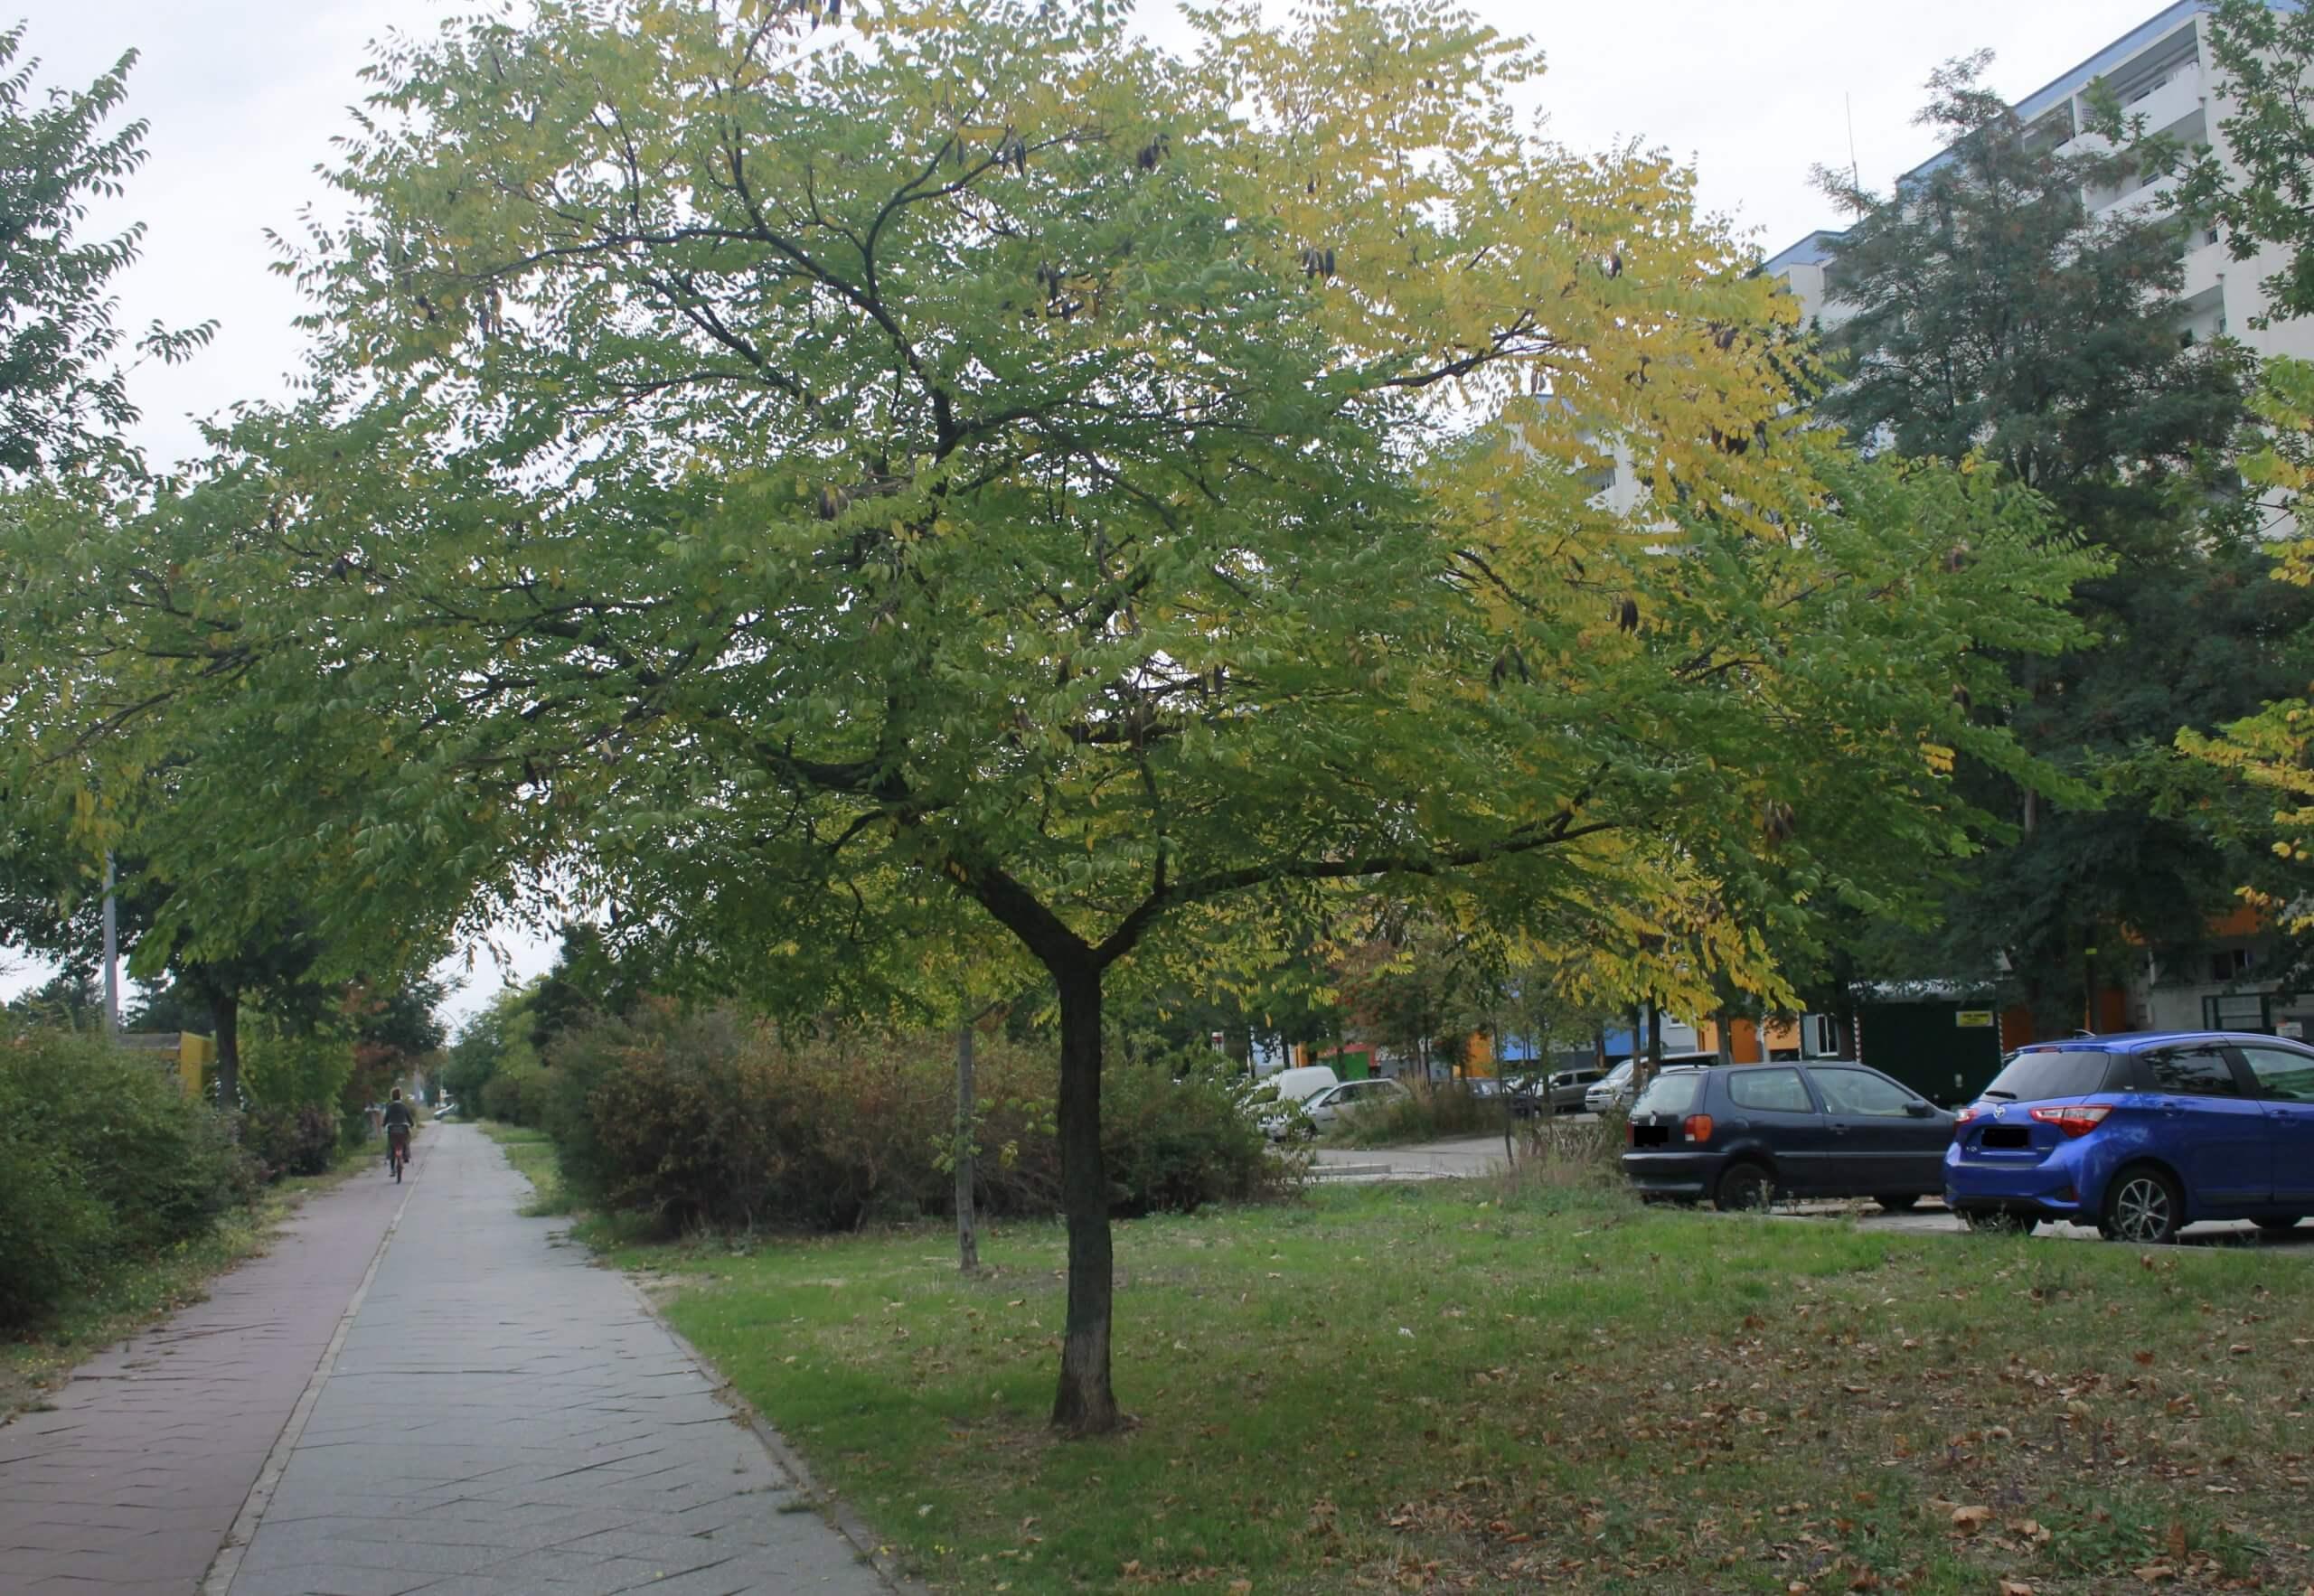 Das Bild zeigt einen Kentucky-Geweihbaum mit großen braunen, an den Zweigen hängenden Hülsenfrüchten im September, hier an der Schönefelder Chaussee im Kosmosviertel.